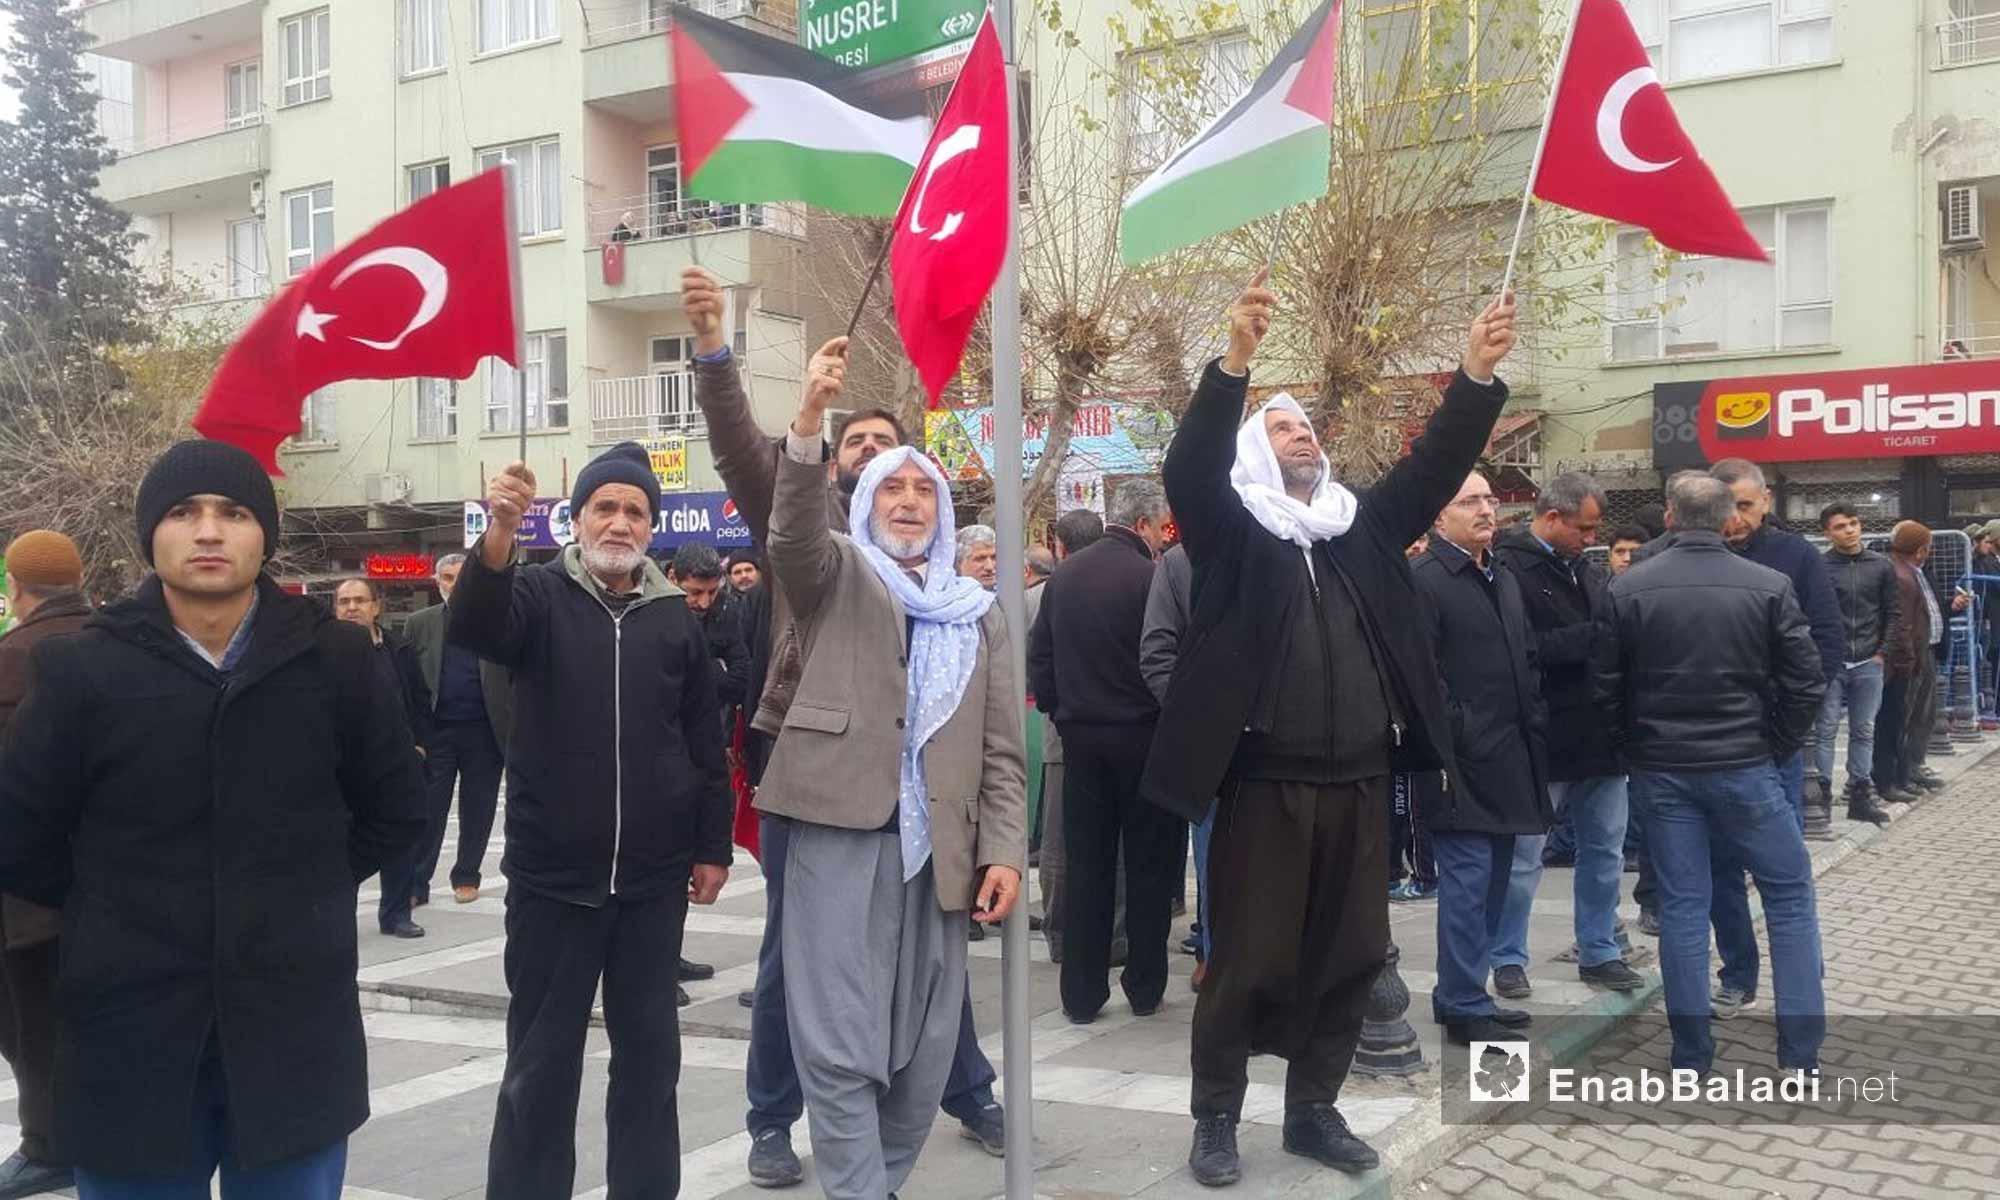 مسنون أتراك وسوريون يرفعون العلم التركي والفلسطيني في أورفة التركية تنديدًا بقرار ترامب حول القدس - 24 كانون الأول 2017 (عنب بلدي)